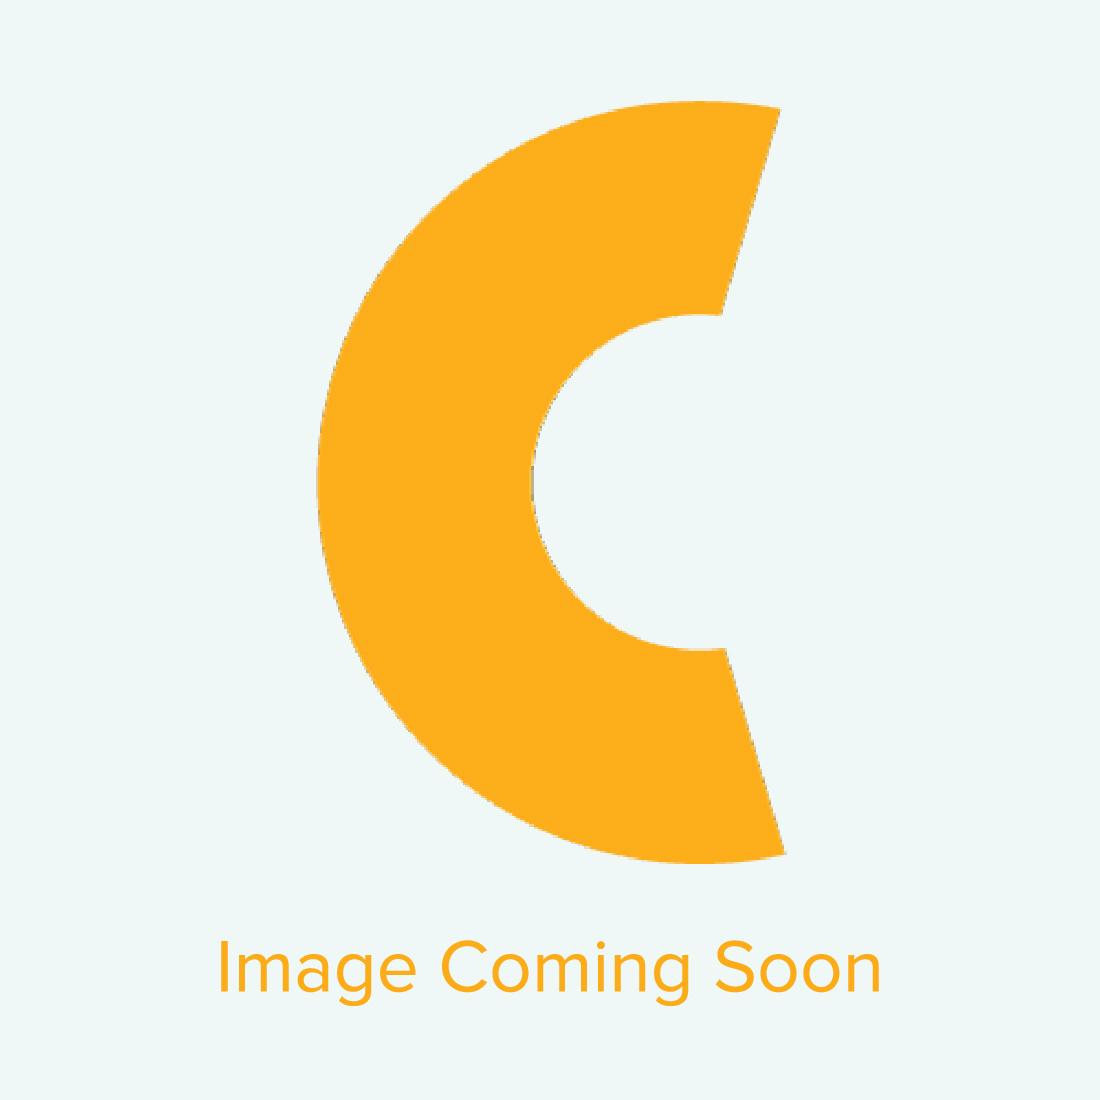 """8.5"""" x 14"""" MDF Board Jig for Oval Keychains (SB5917)"""